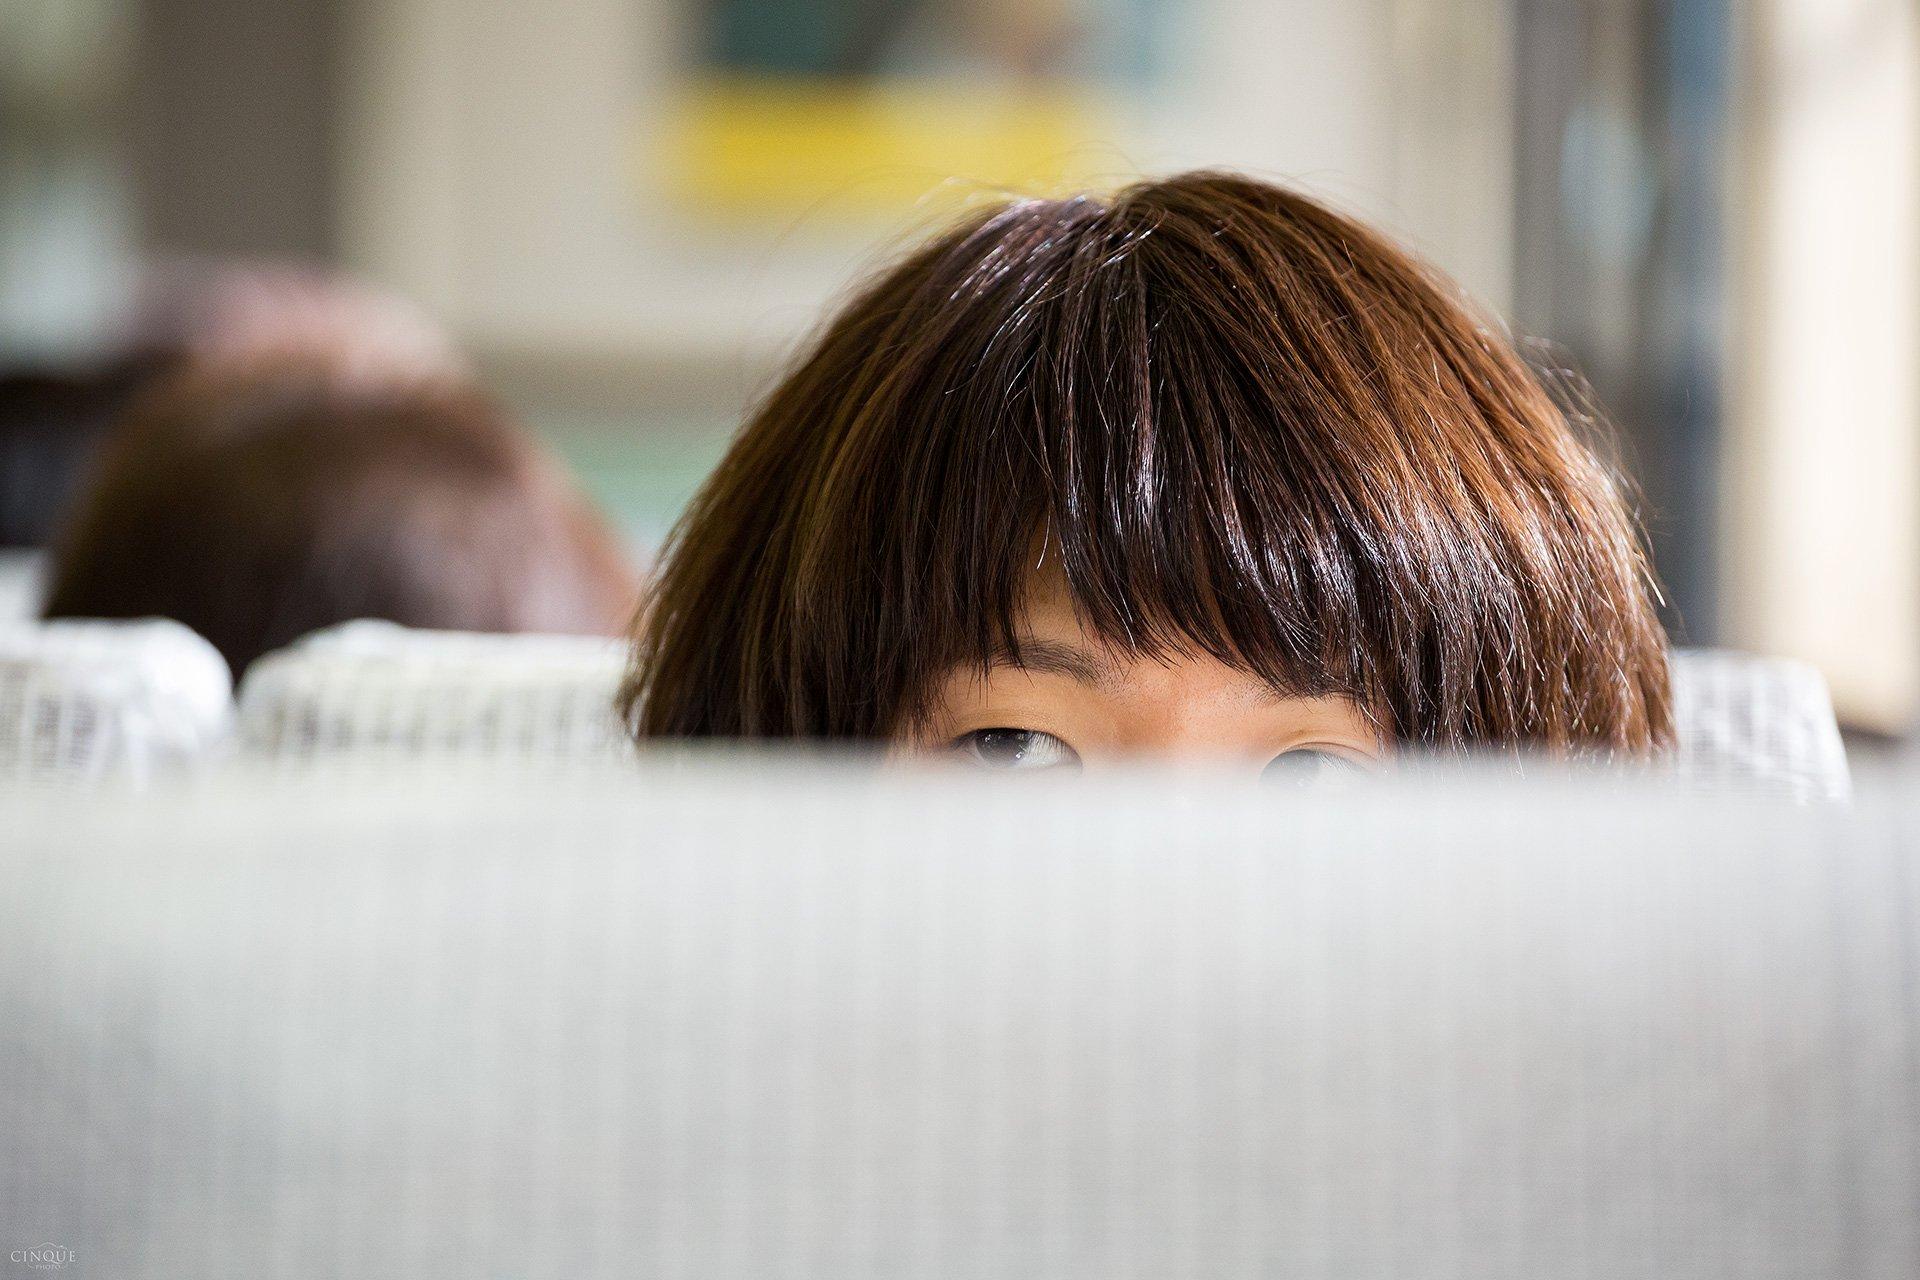 Gli occhi intriganti di una ragazza nei pressi di Kyoto, Giappone